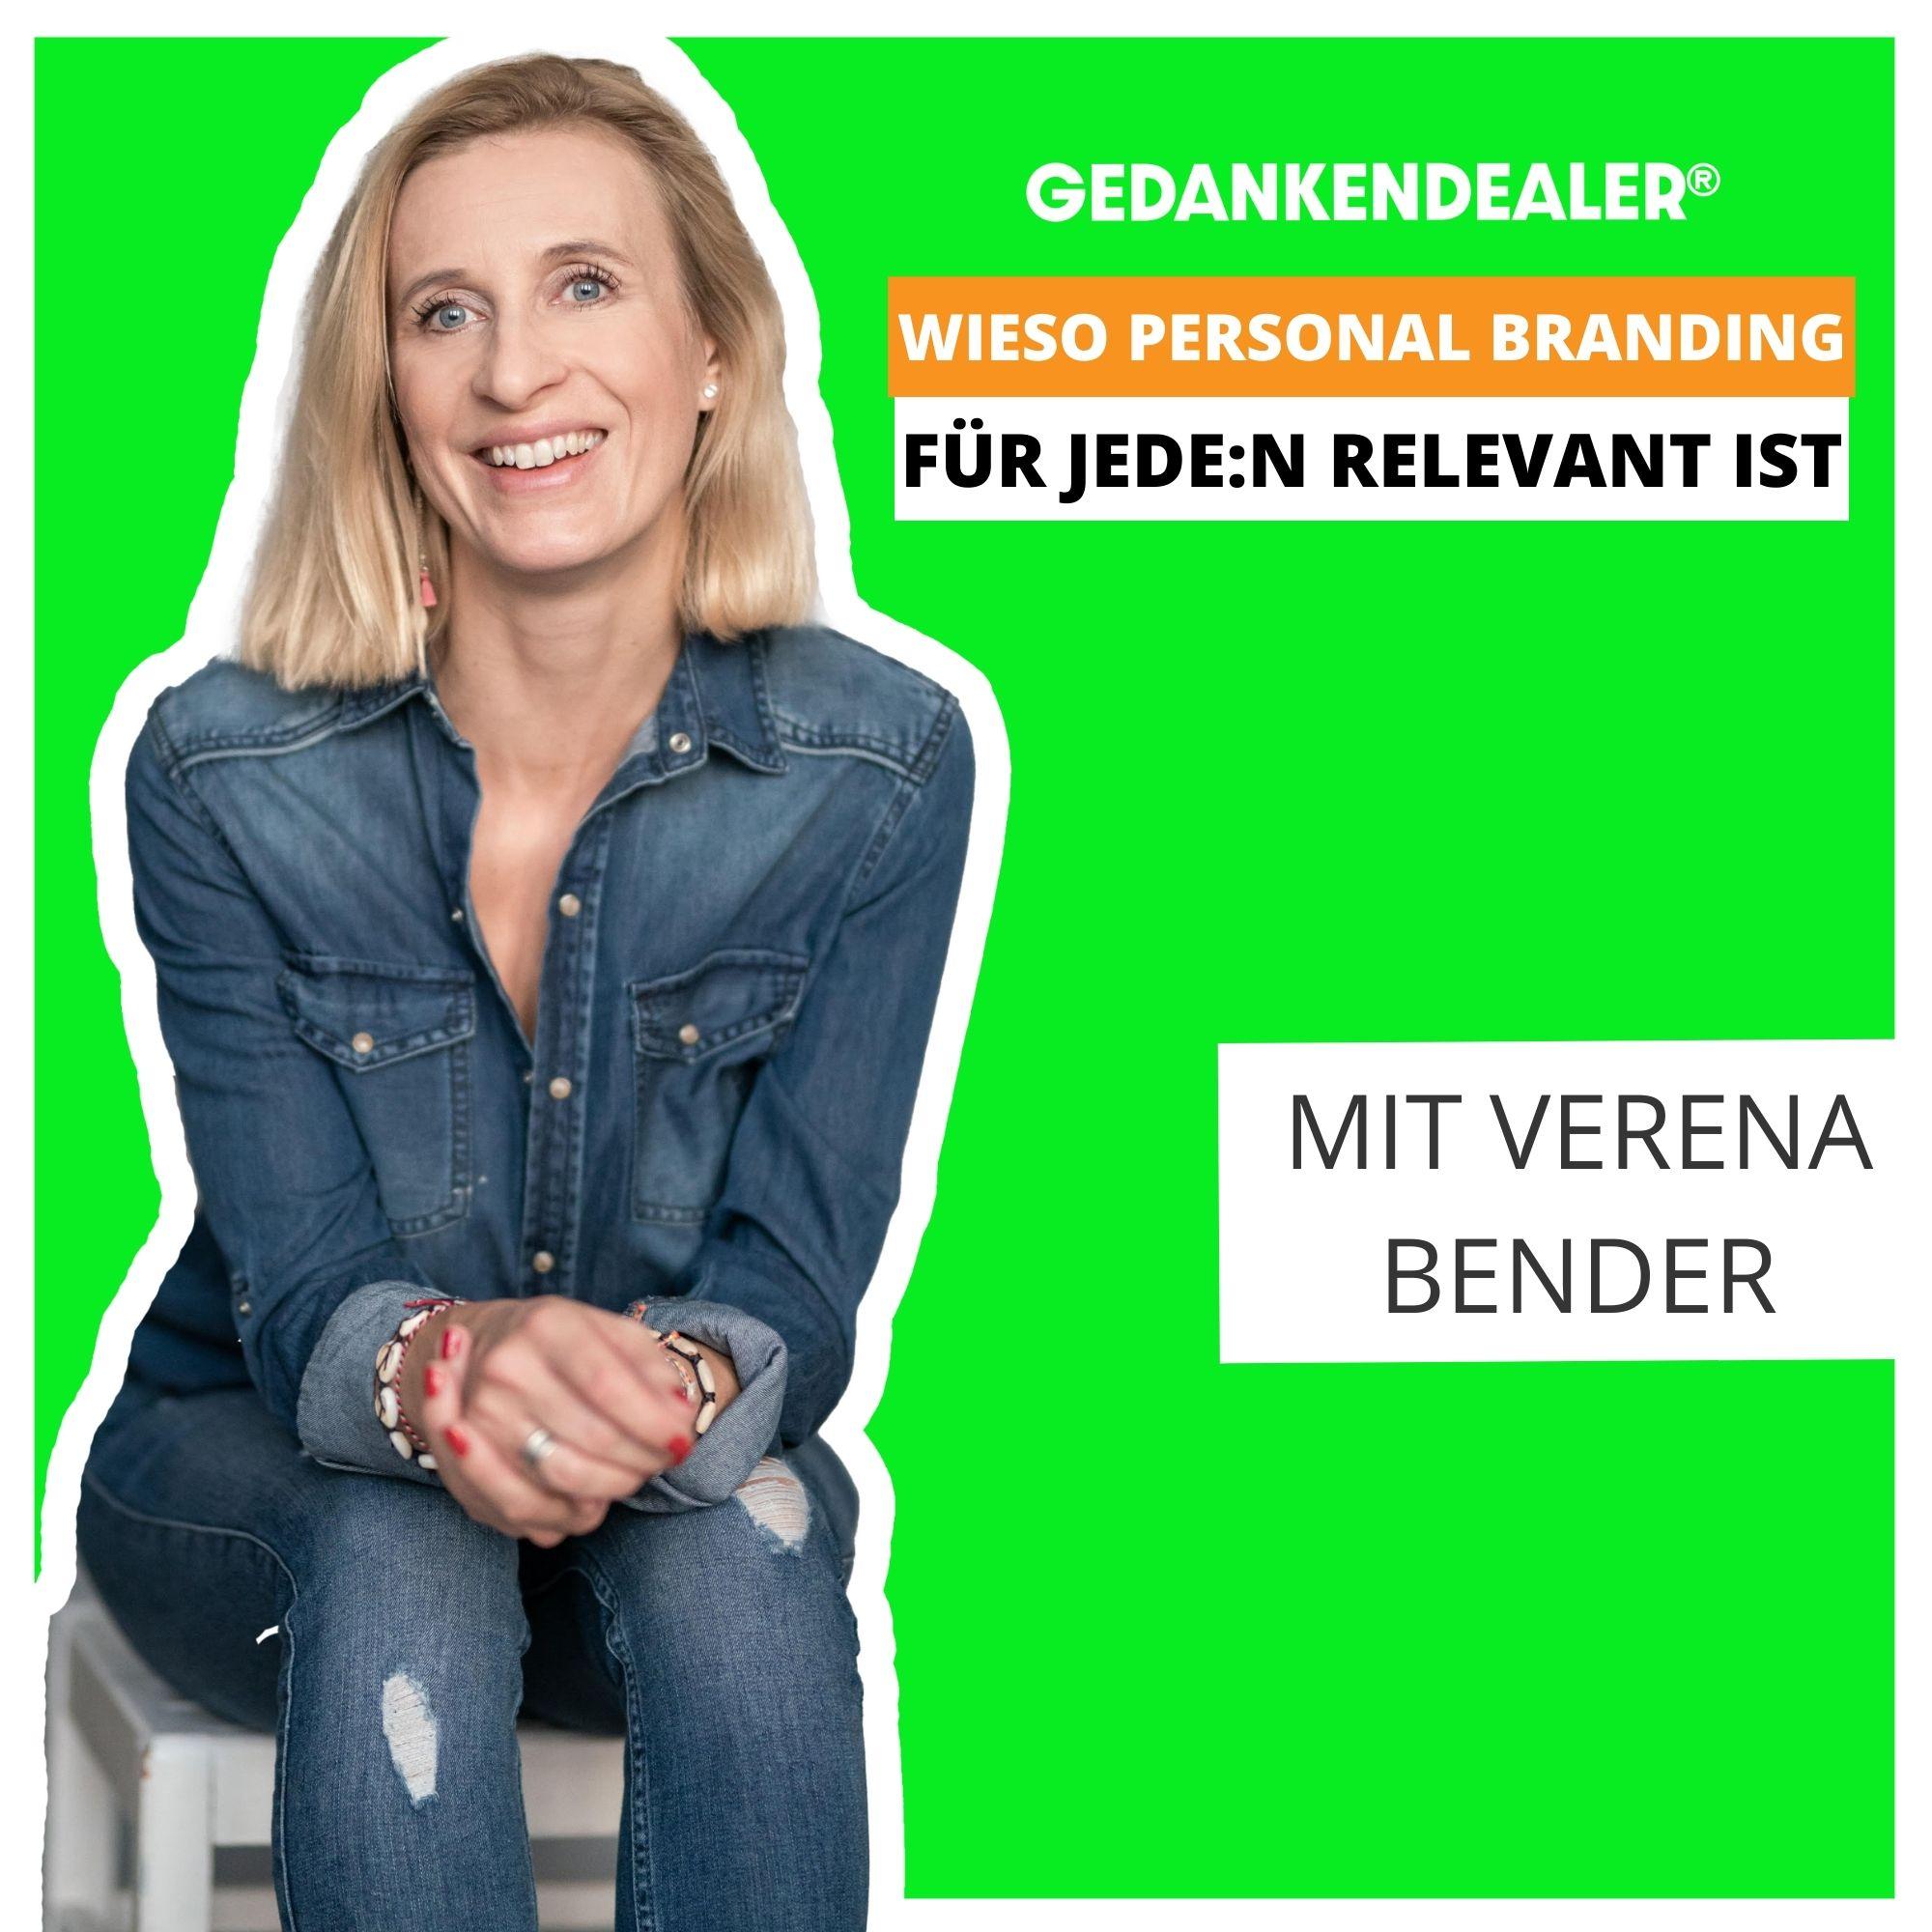 Wieso Personal Branding für jede:n relevant ist. Im Talk mit Verena Bender